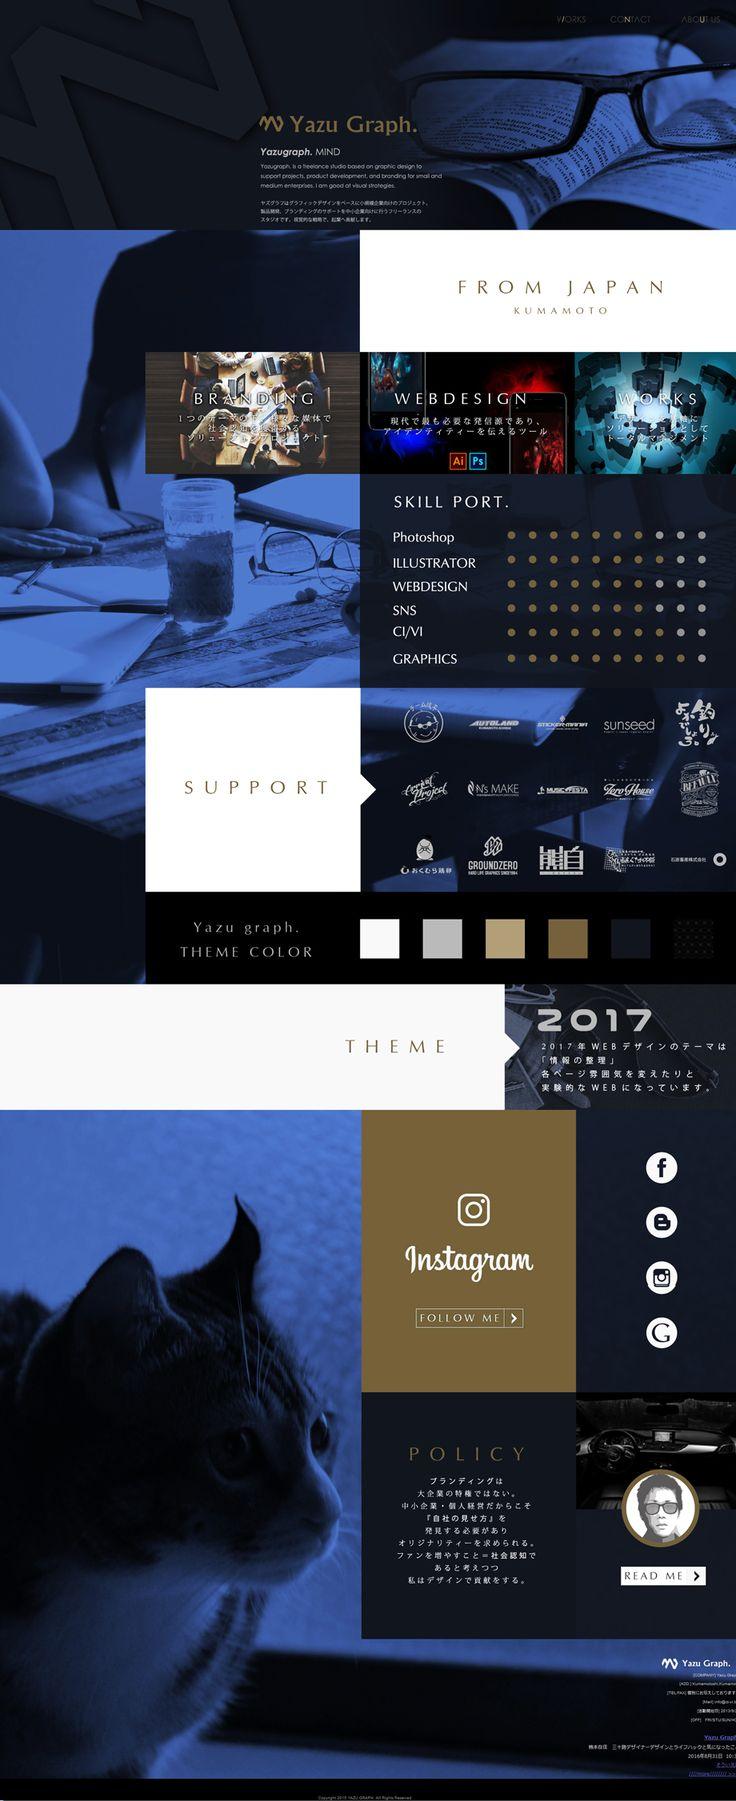 25  trending Images wallpaper ideas on Pinterest   Imagenes ...